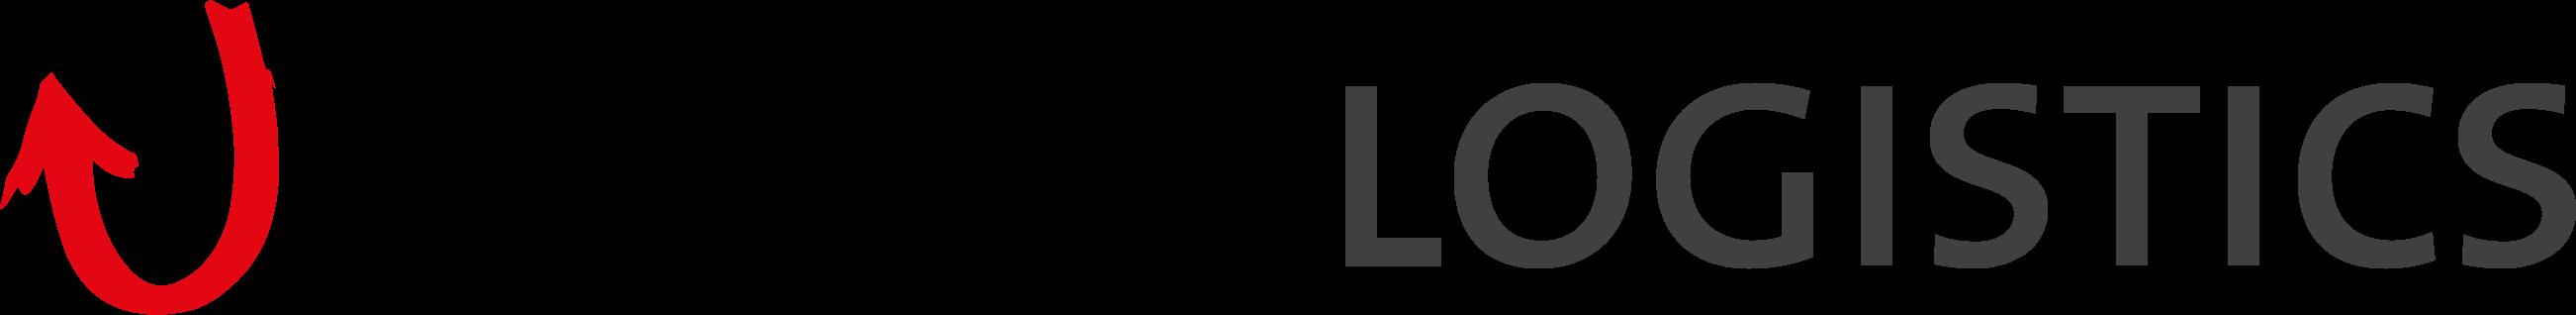 de vrij logistics logo, automatische order invoer oplossing